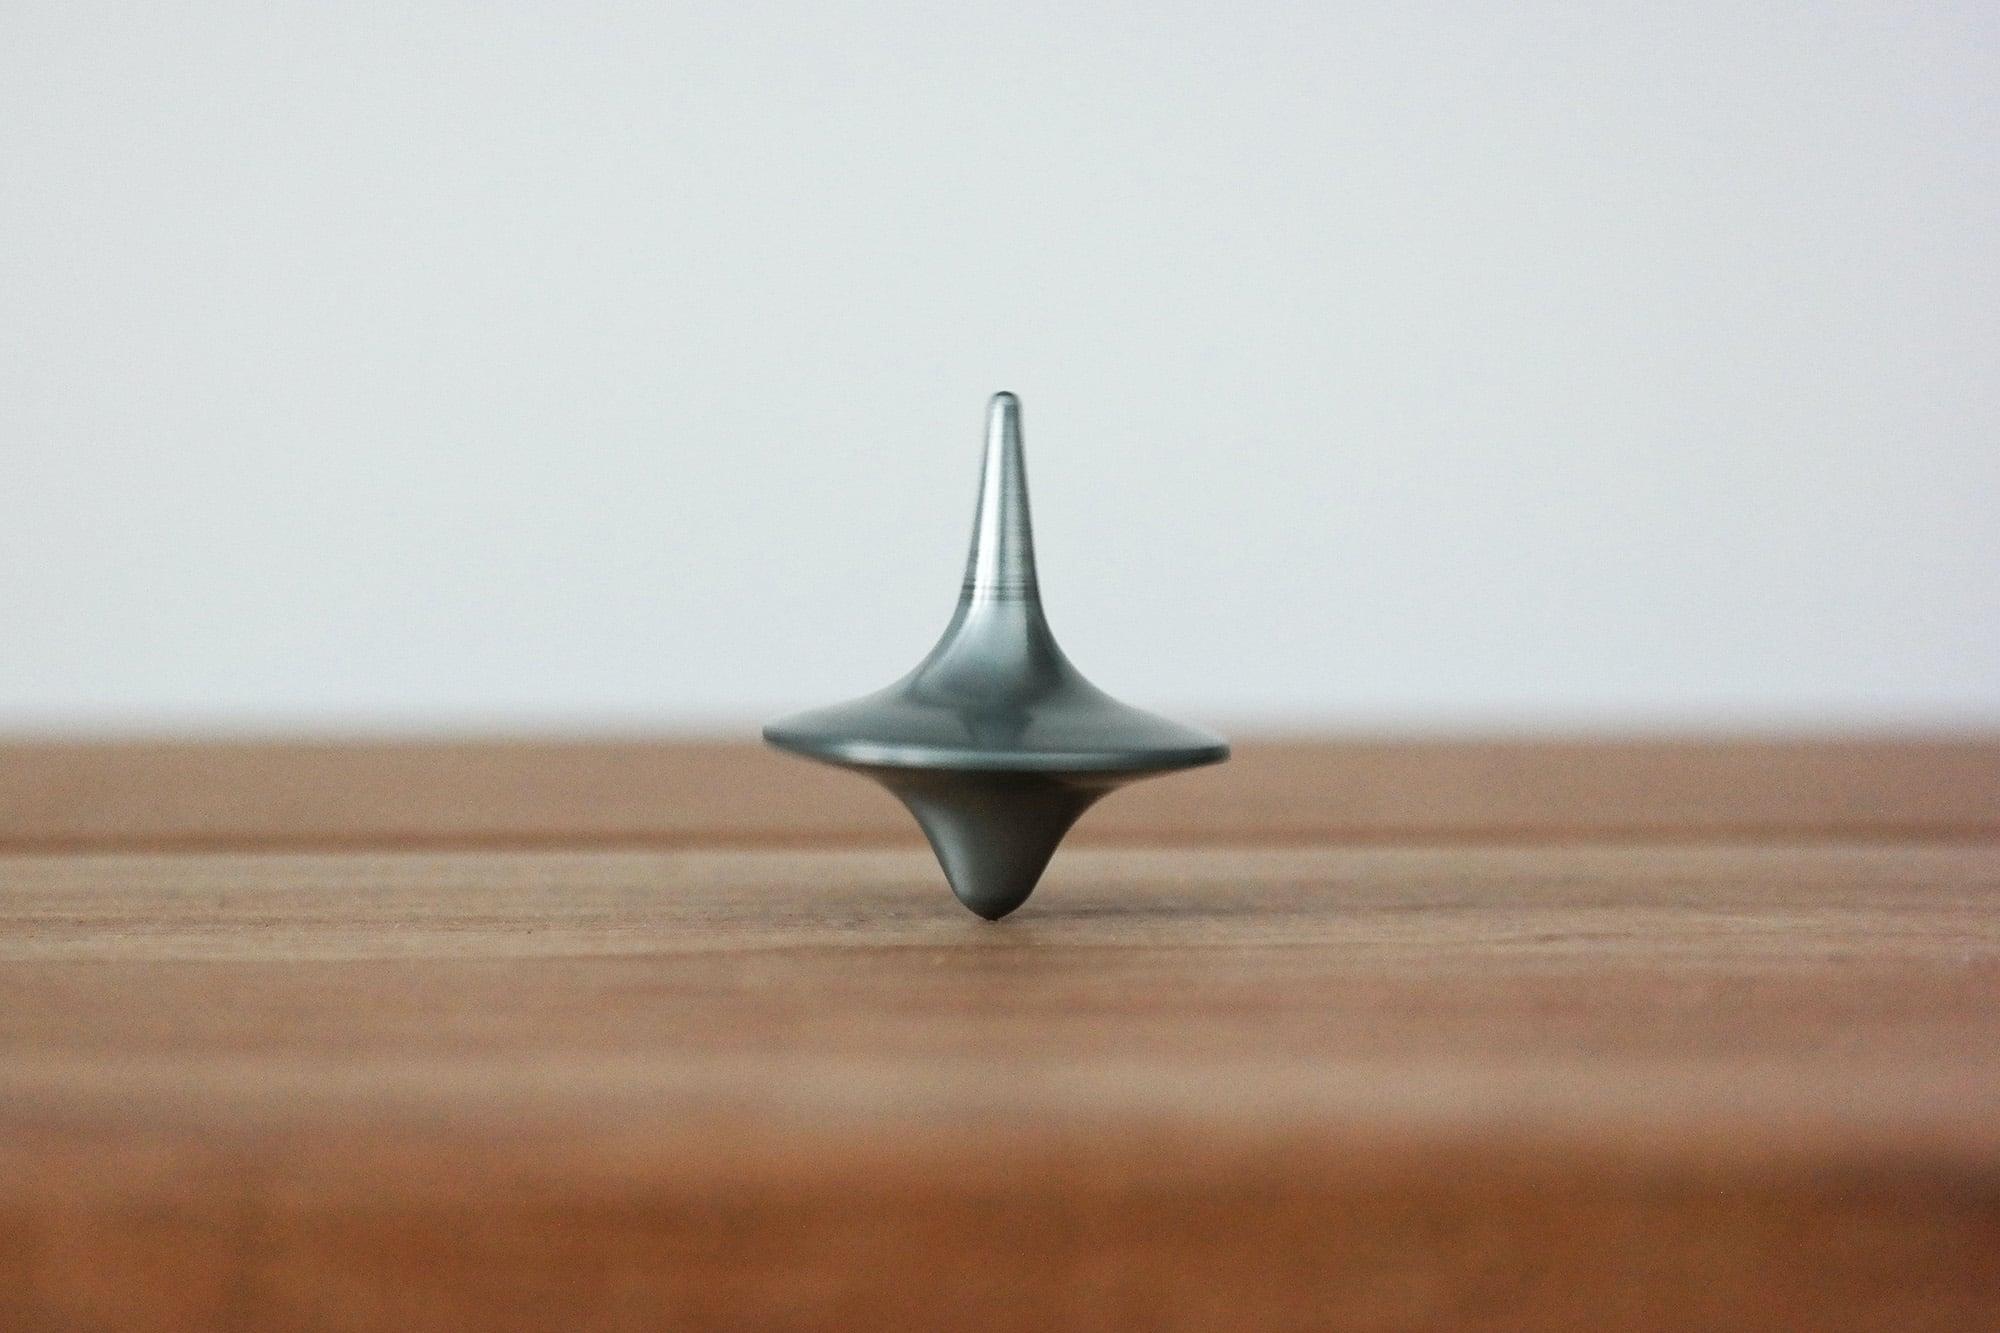 Movimiento y reposo. El equilibrio está en el medio